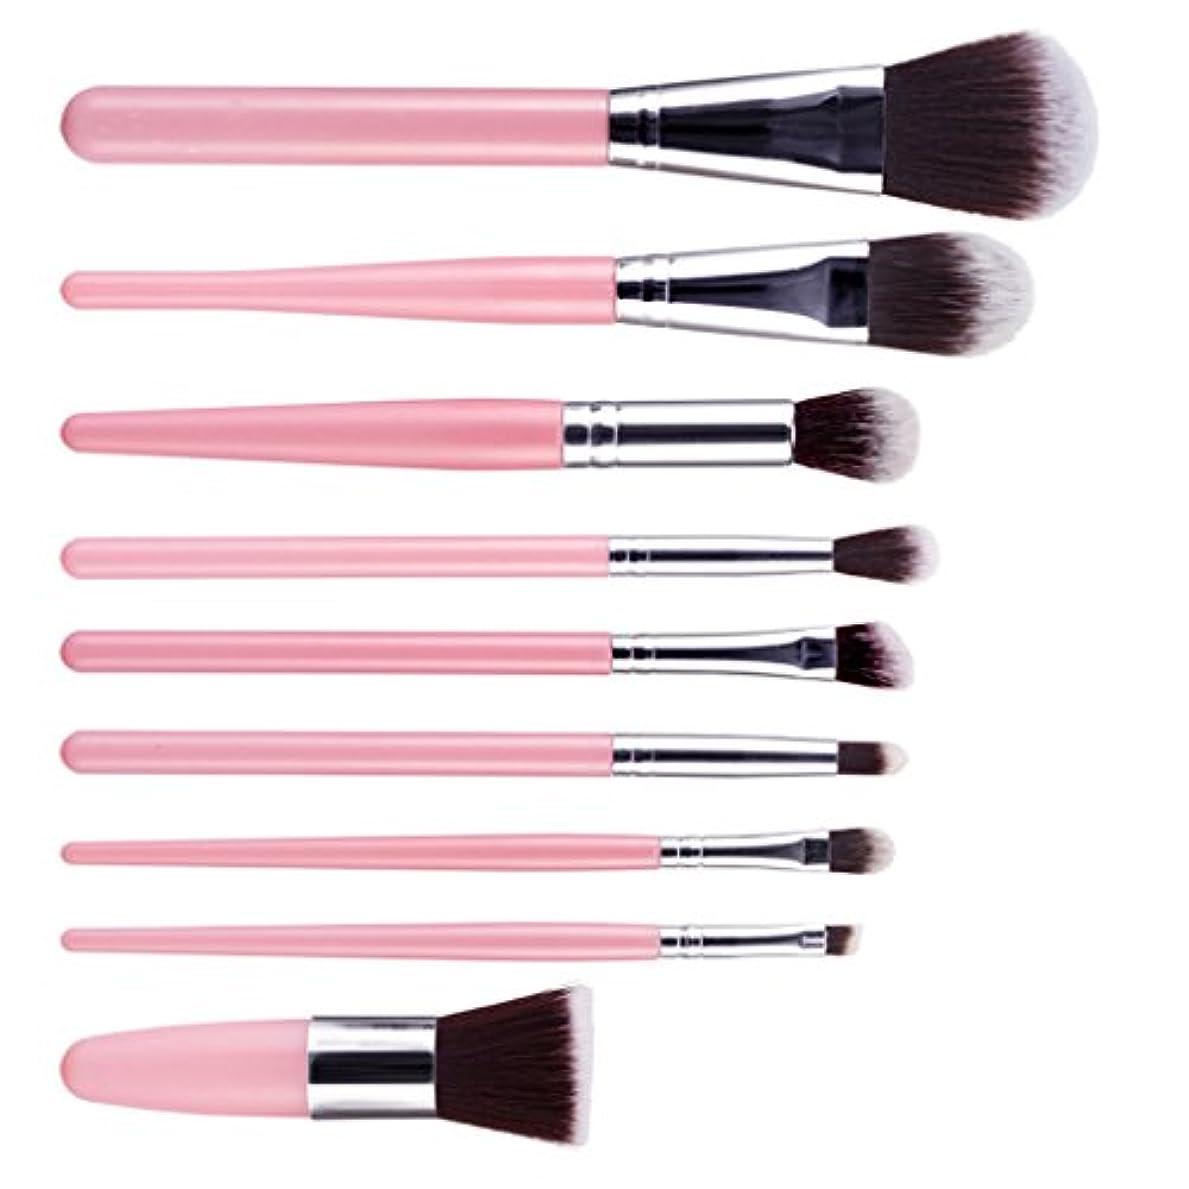 【ノーブランド品】 メイクブラシ プロ フェッショナル 化粧品 メイクアップ ブラシ セット 9本セット 9色選ぶ  - ピンク+シルバー